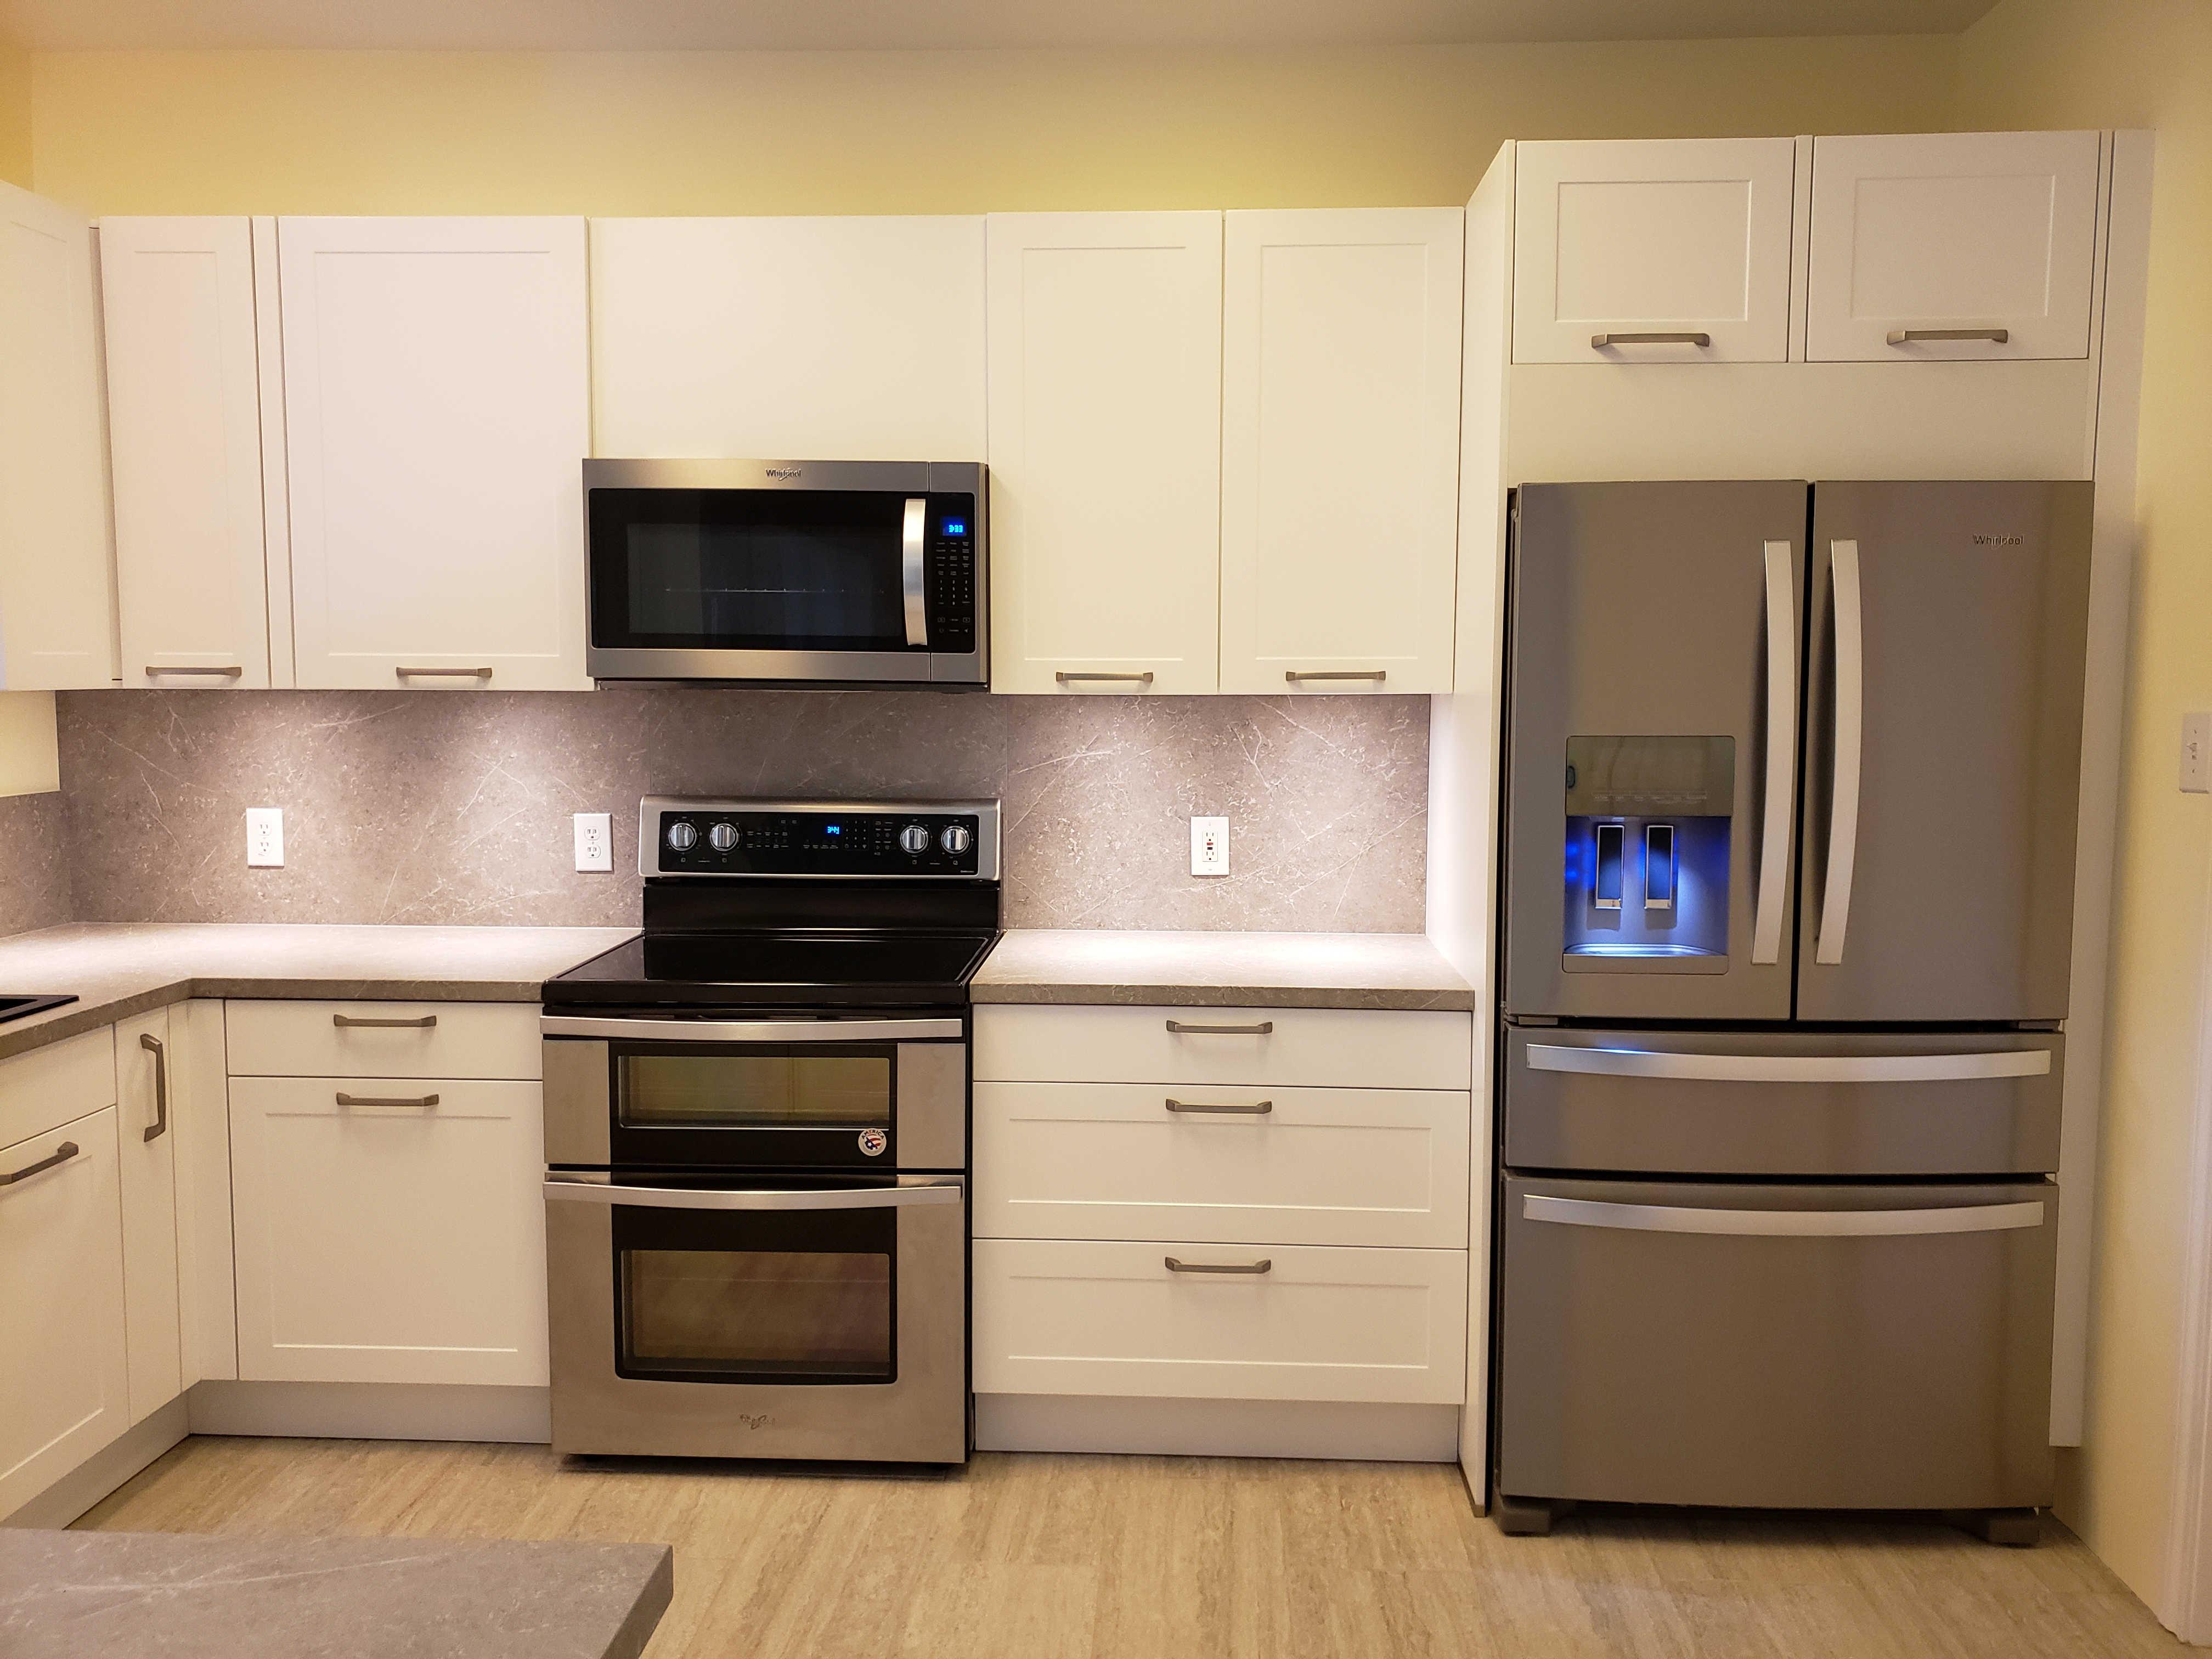 kitchen remodeling in Katy, Houston